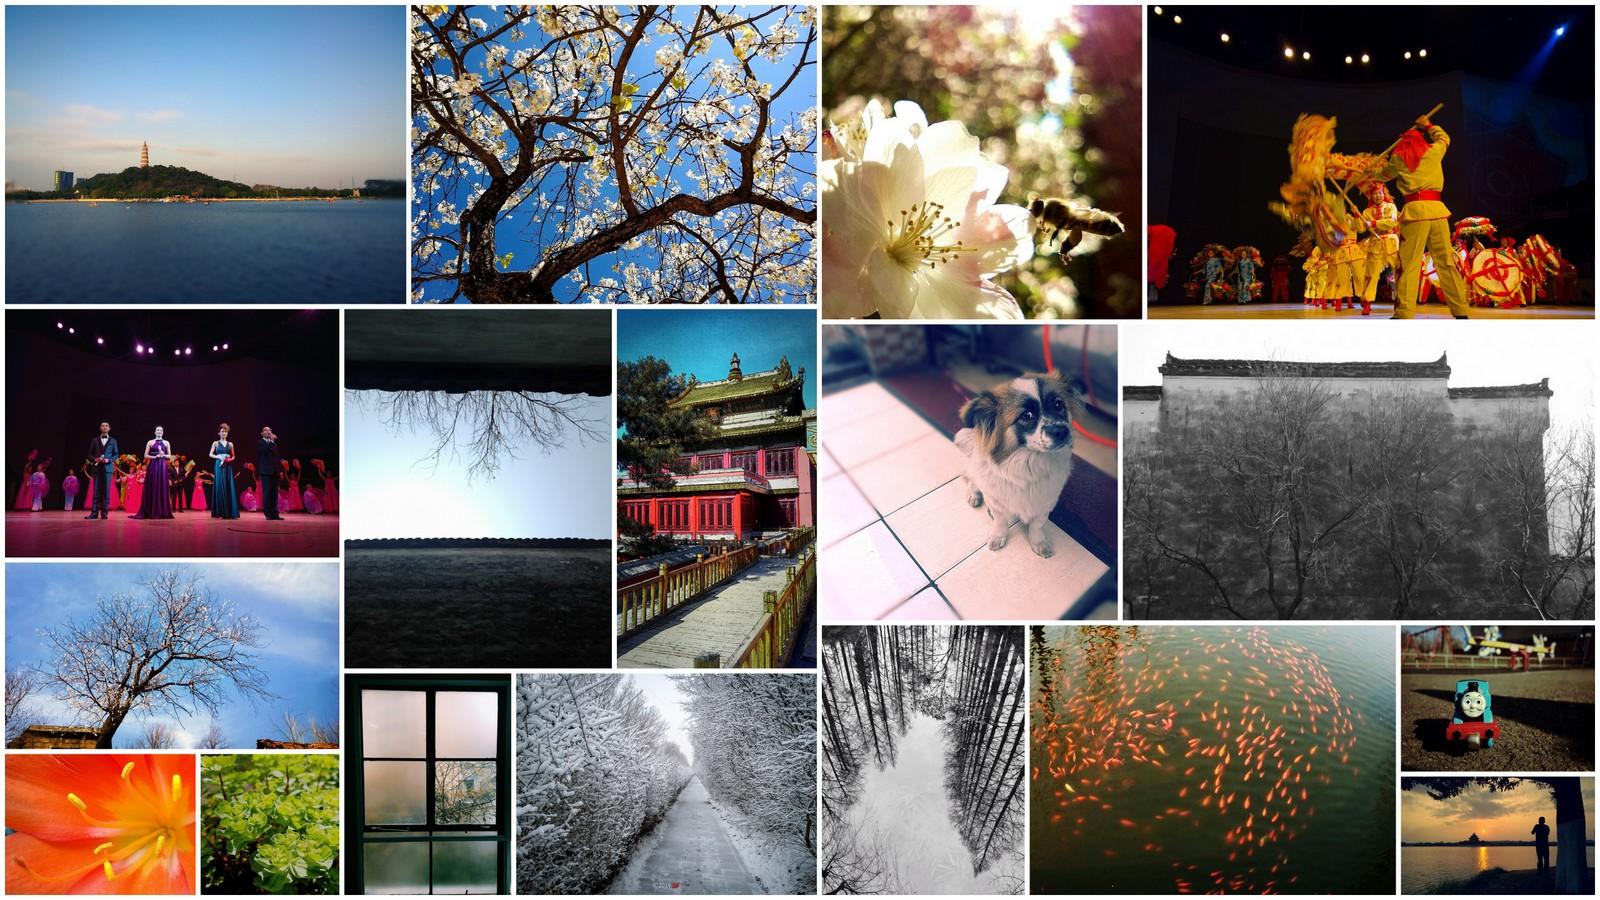 手机影像俱乐部[拼图归档区] - 数码相机图片